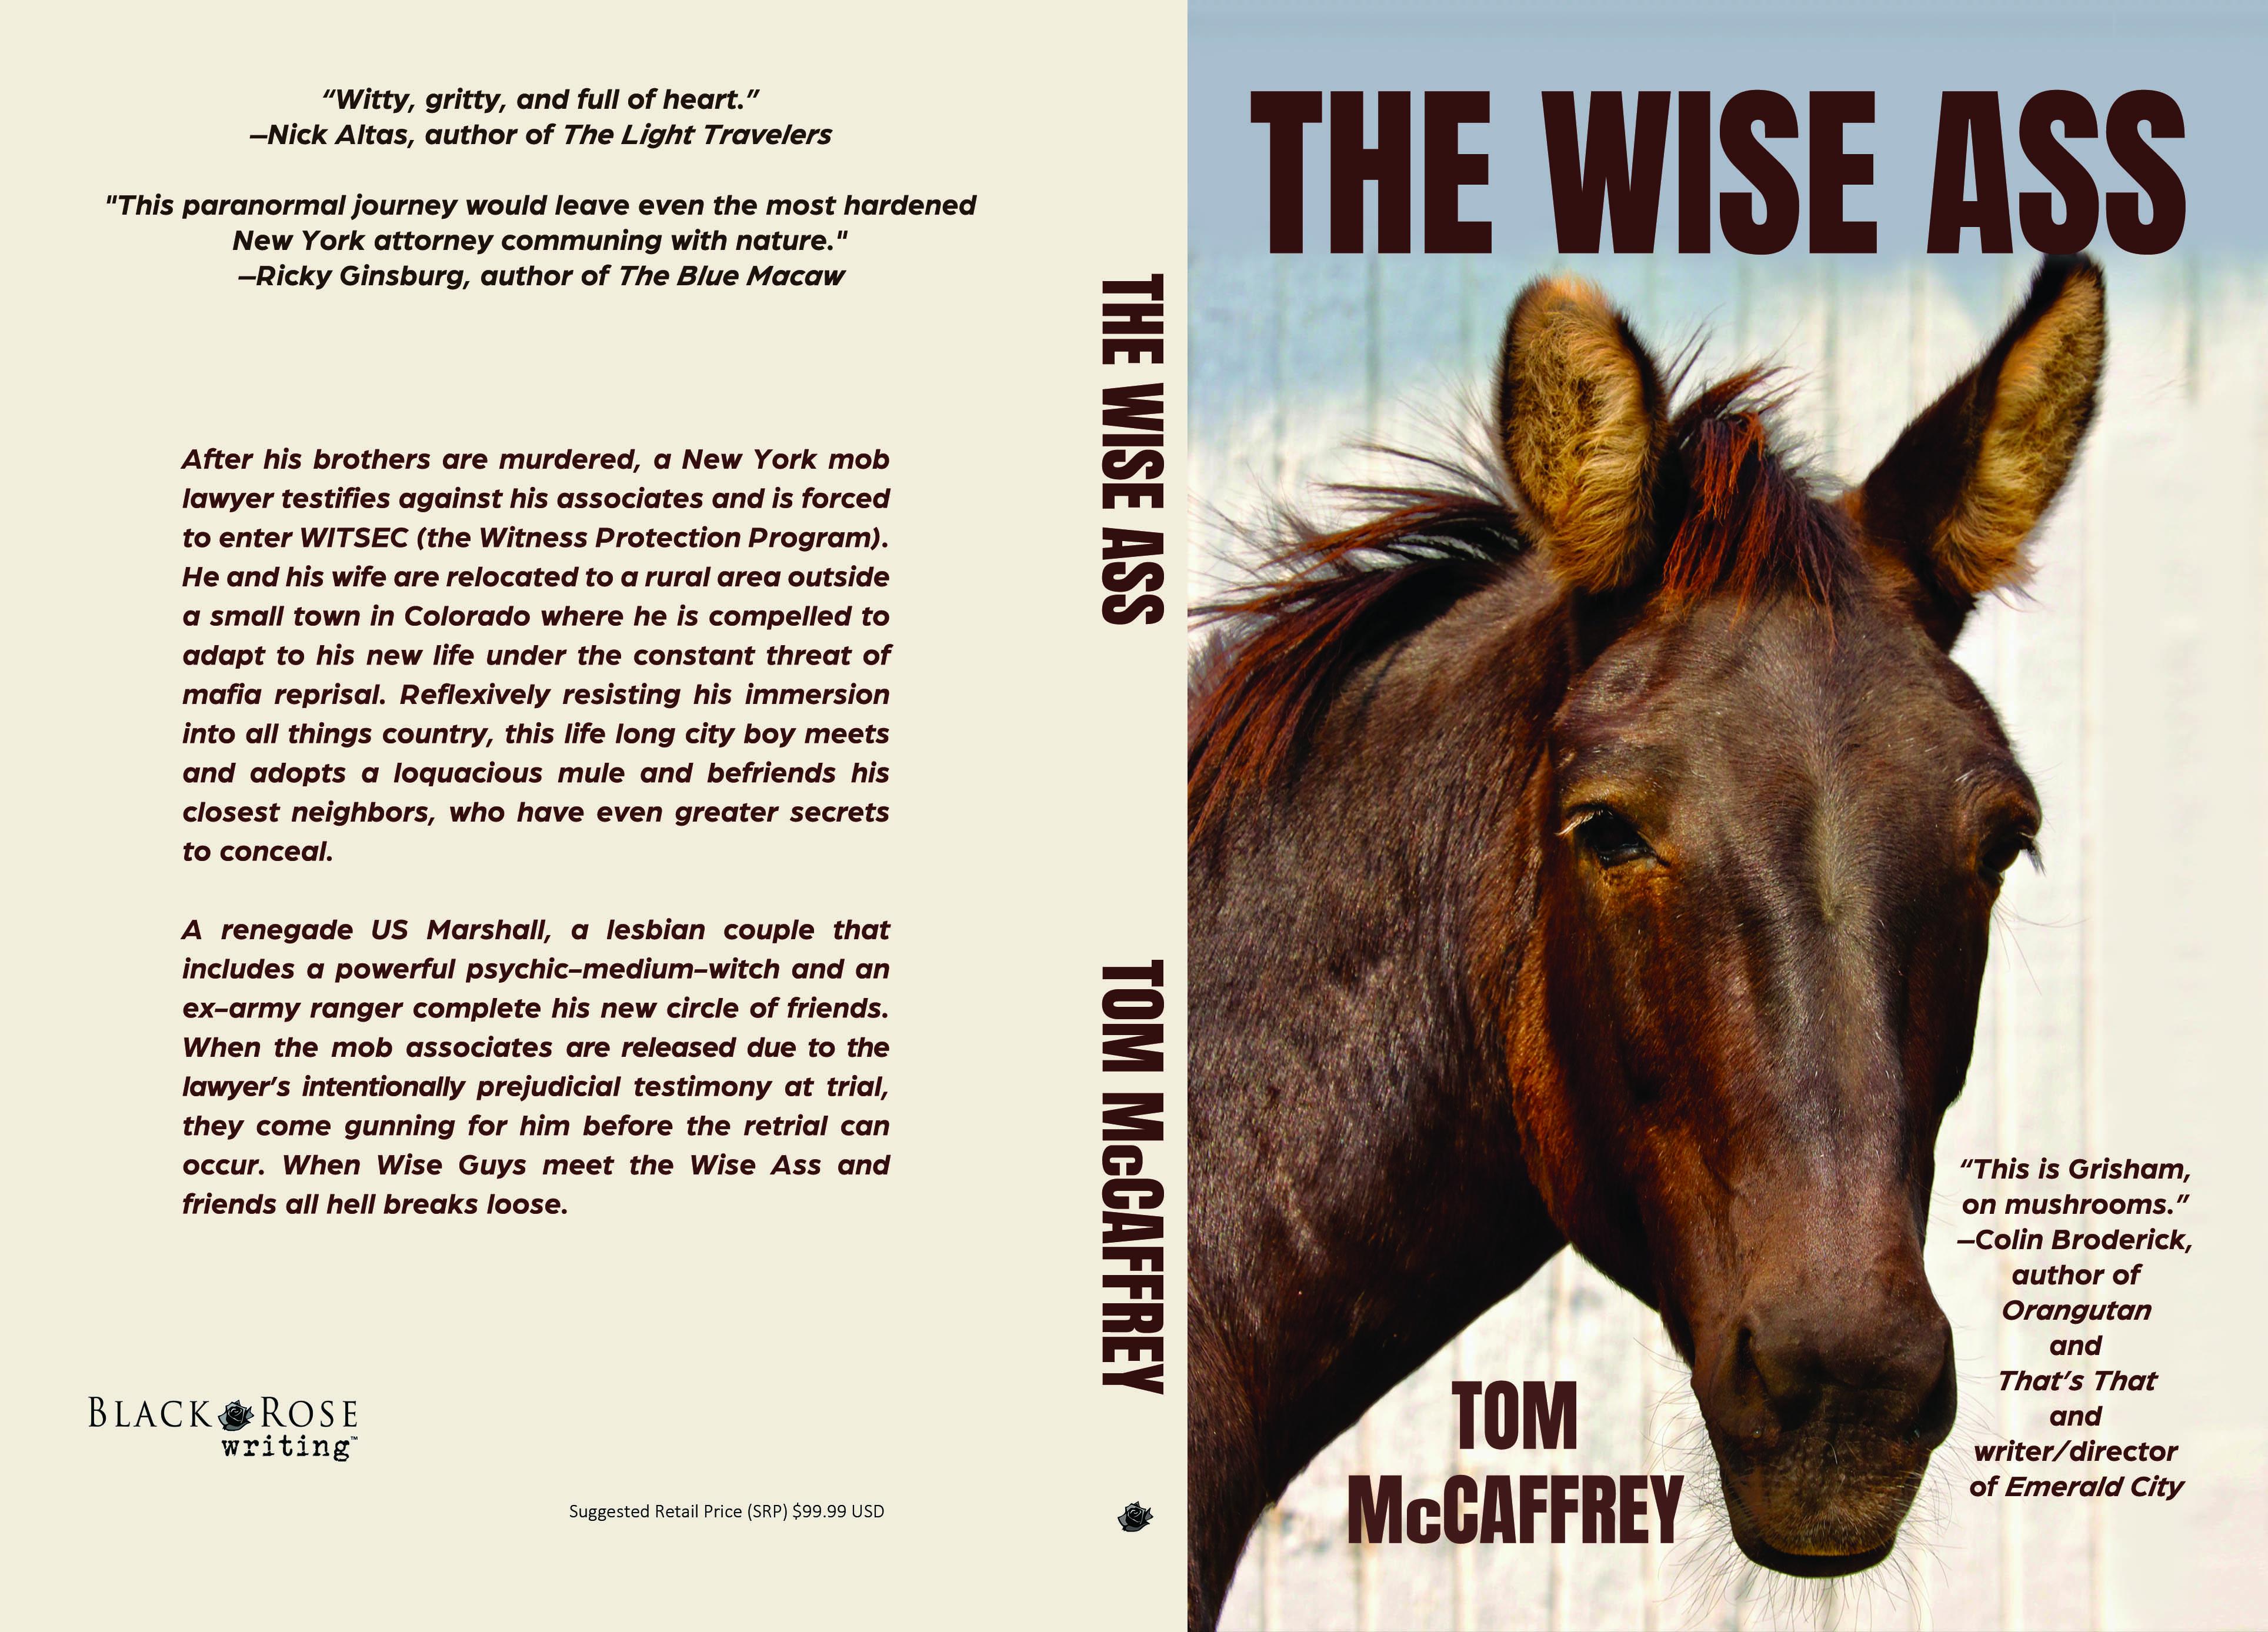 Thomas McCaffrey's Cover Image